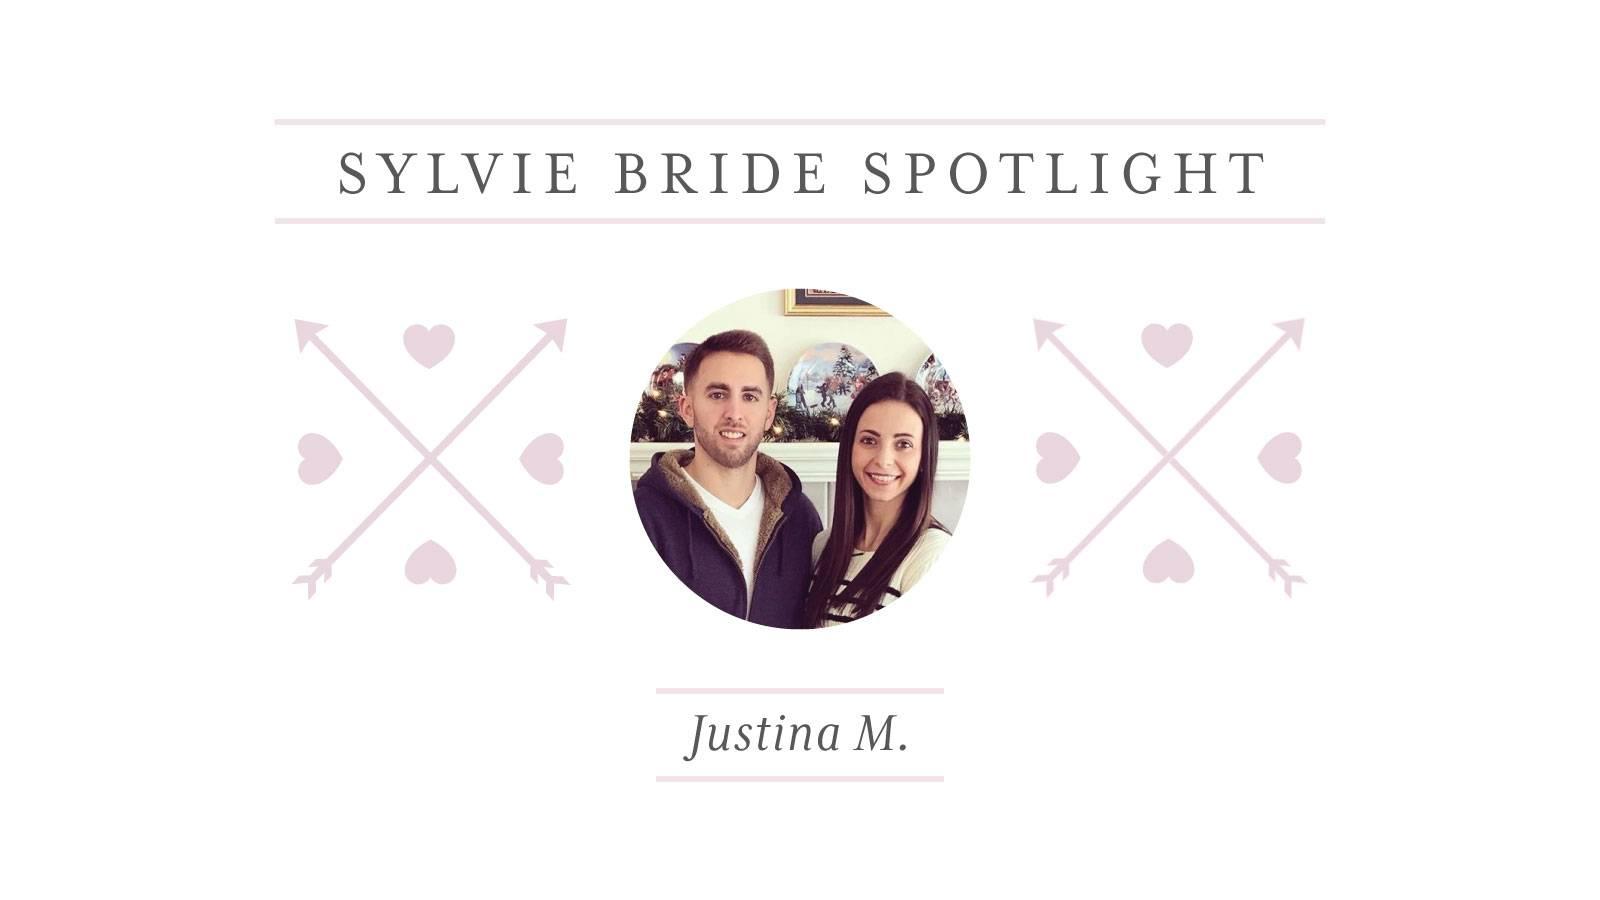 Sylvie Bride Spotlight - Justina M